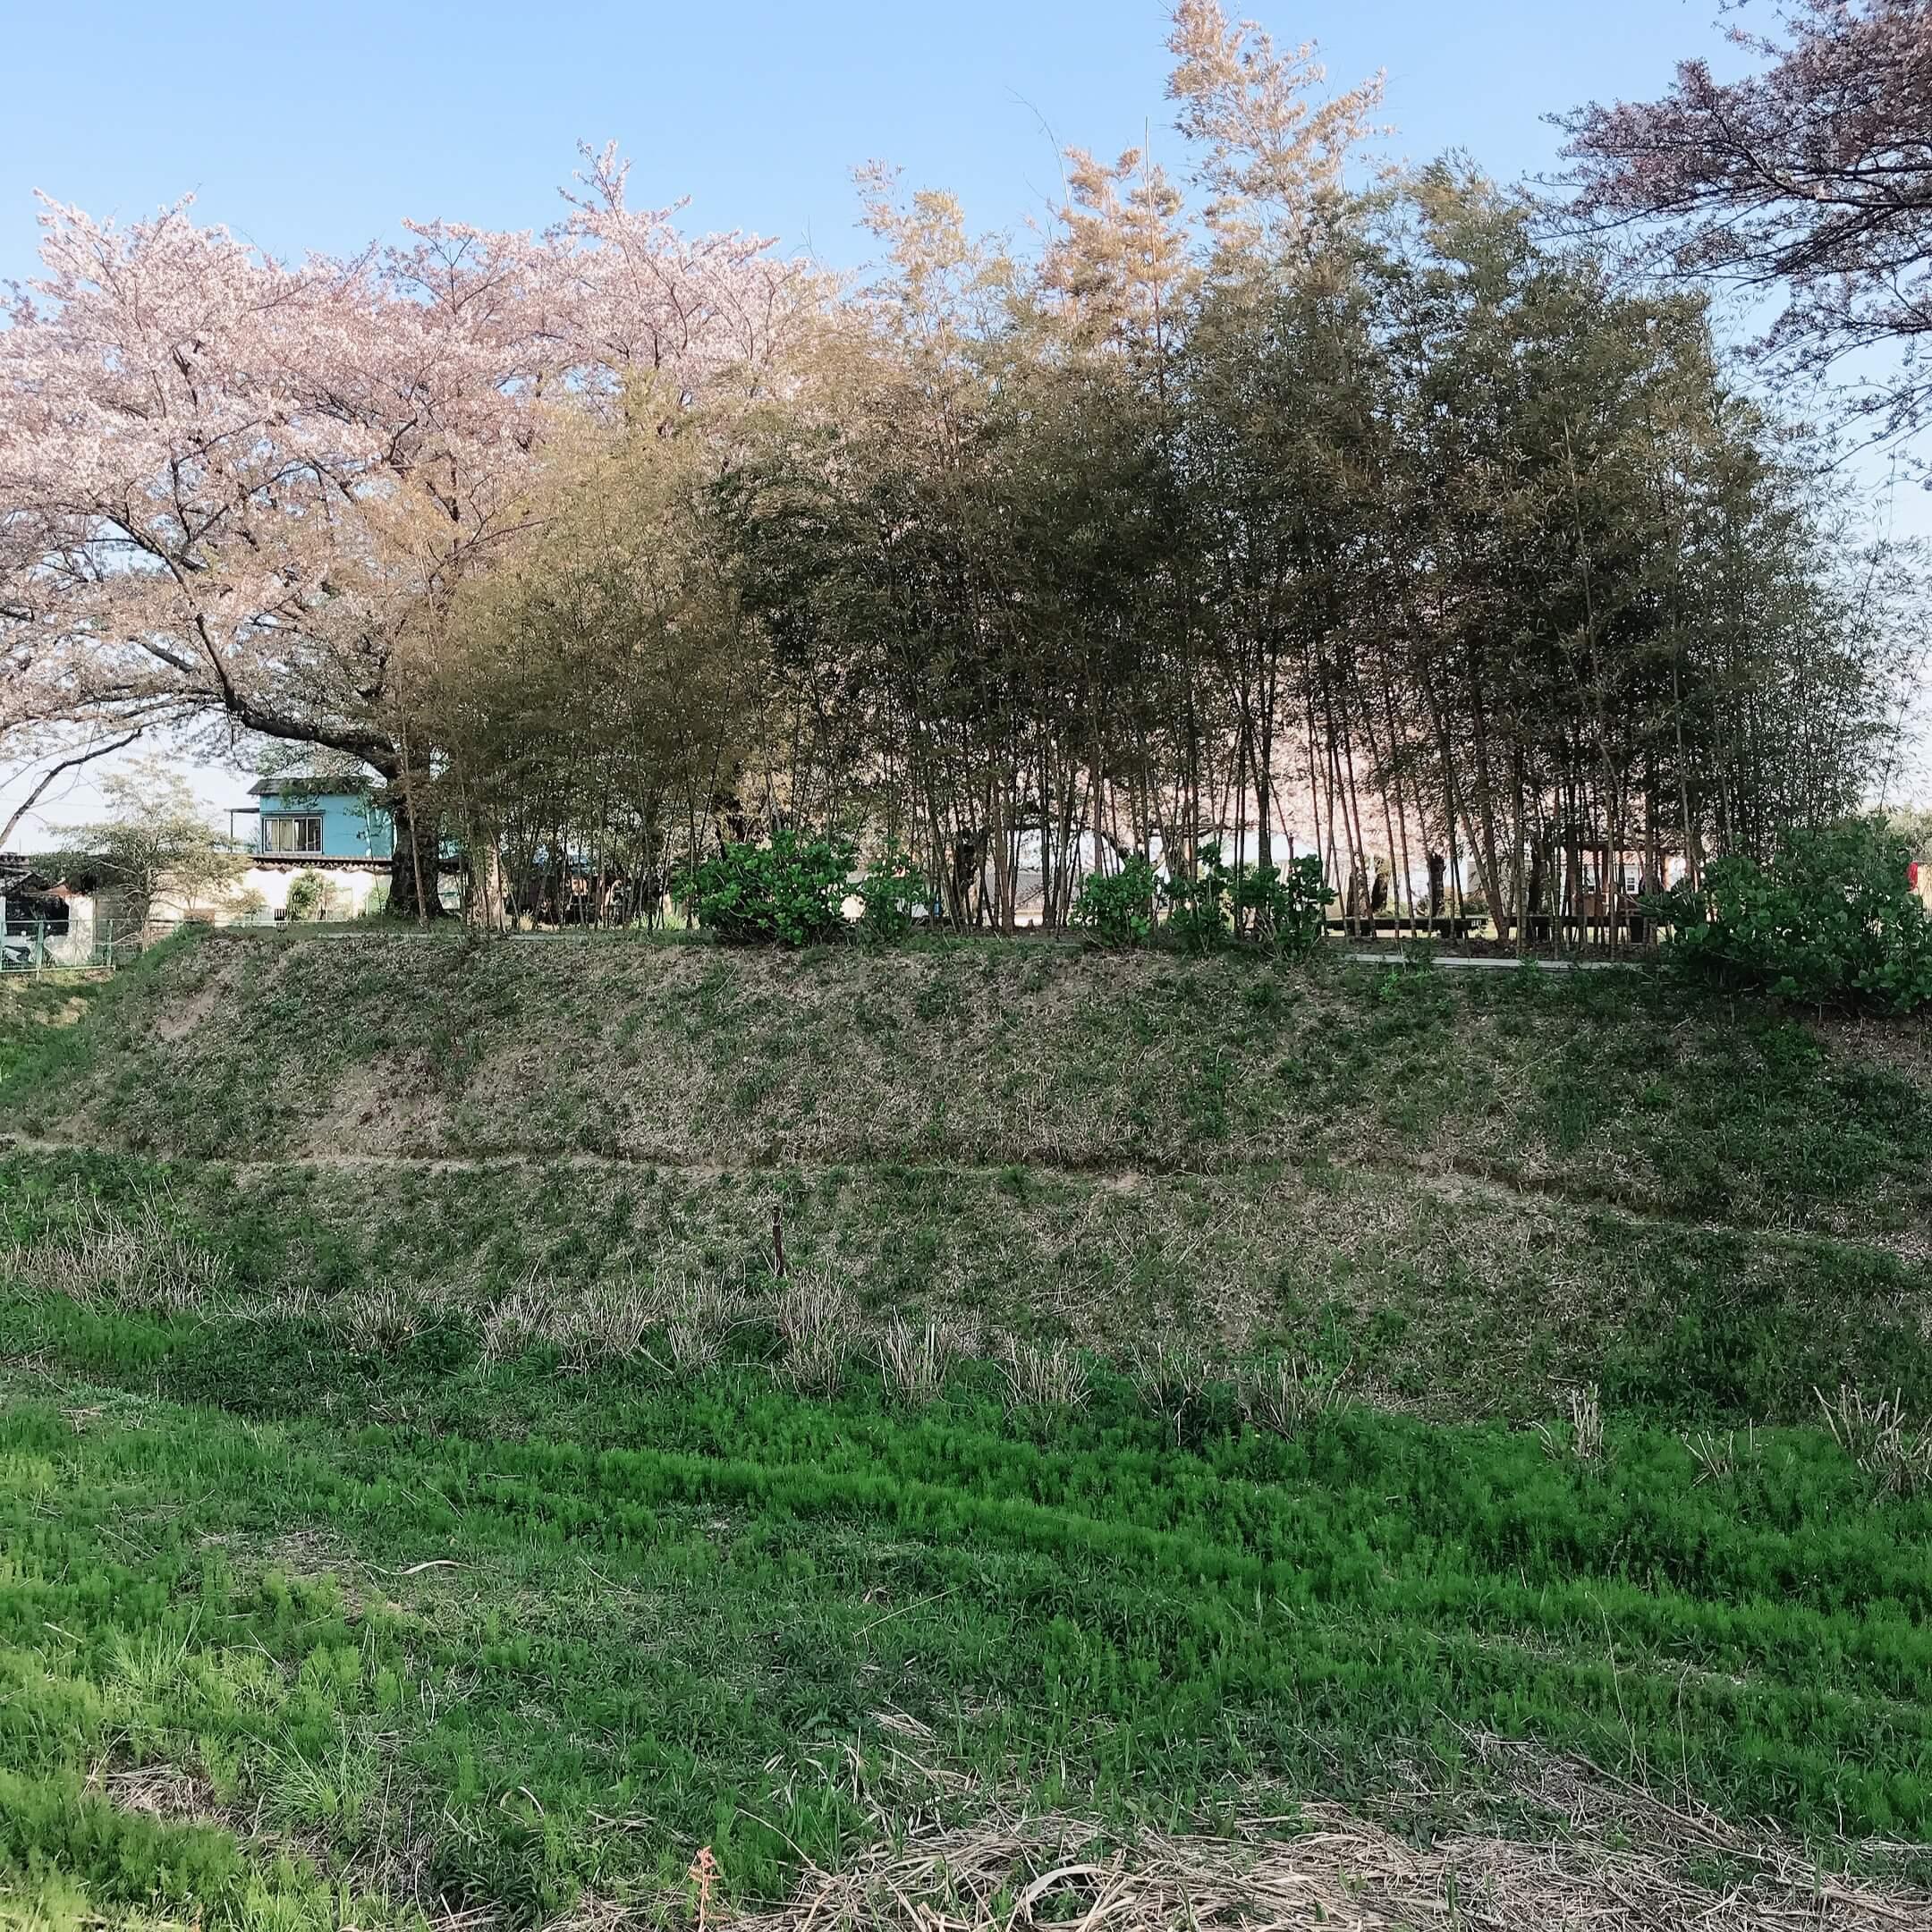 沓掛城趾 桜 駐車場 豊明市